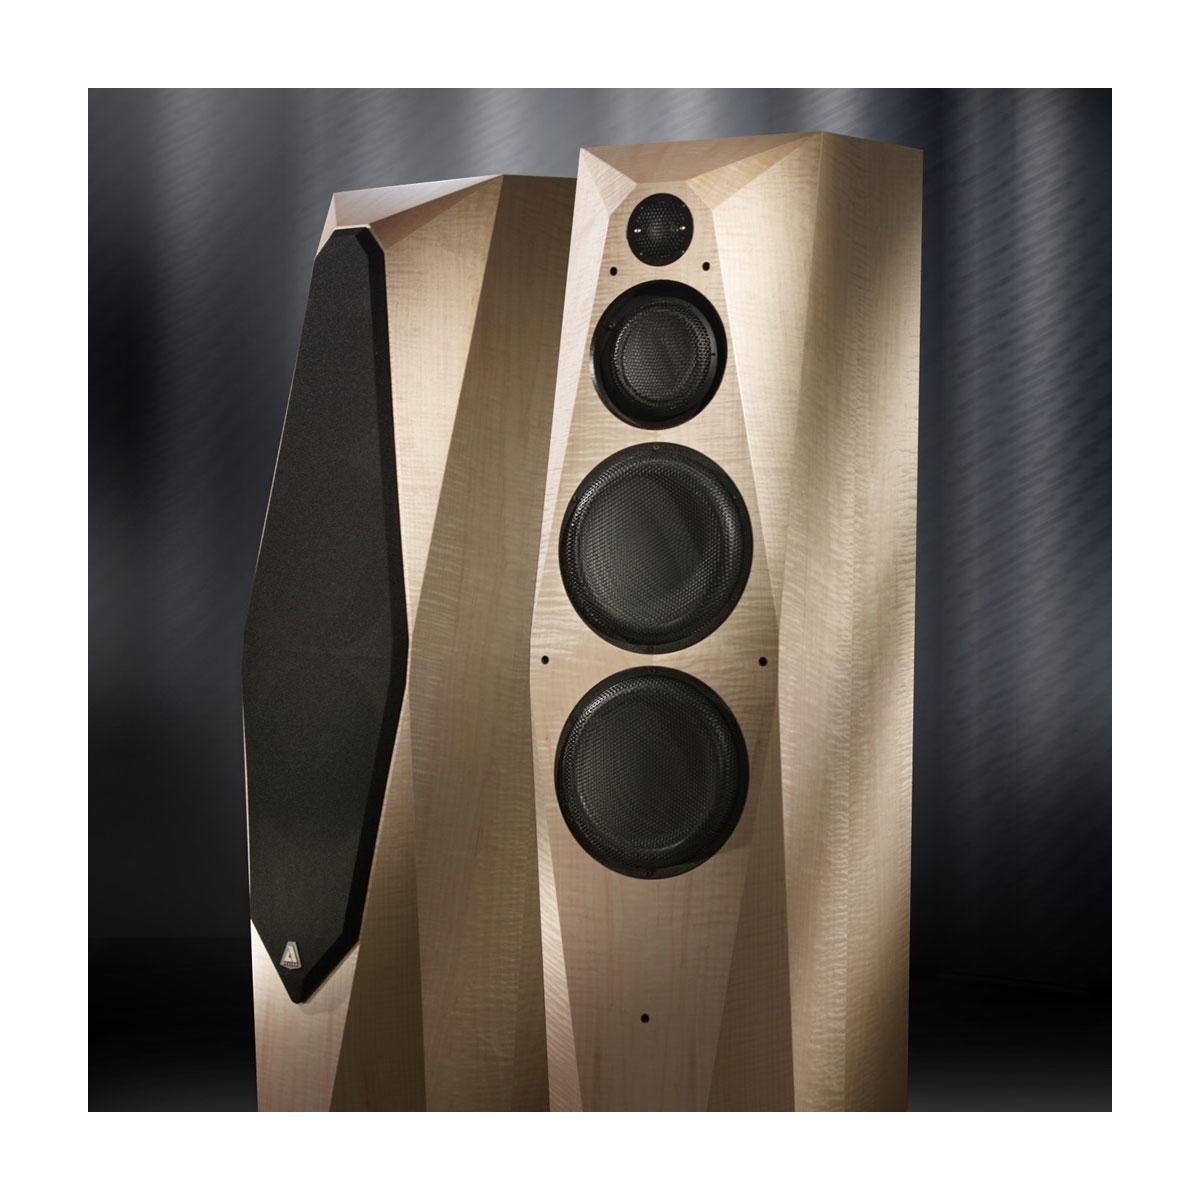 Avalon Acoustics Compas Cherry 販売価格お問い合わせください。 アヴァロン スピーカーシステム